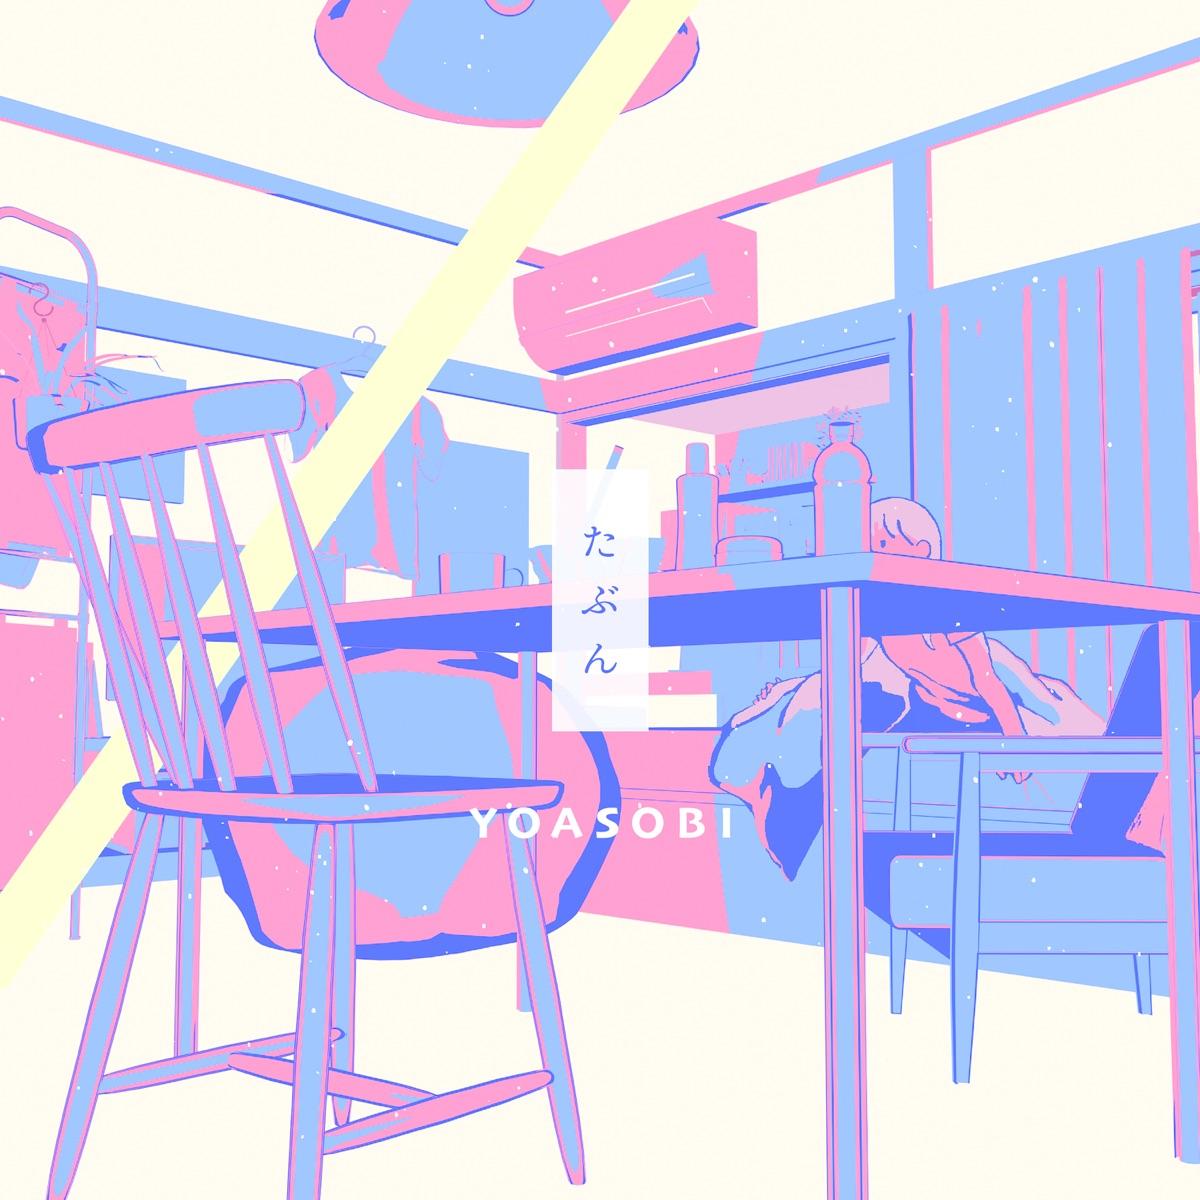 YOASOBI - Tabun たぶん [2020.07.20+MP3+RAR]